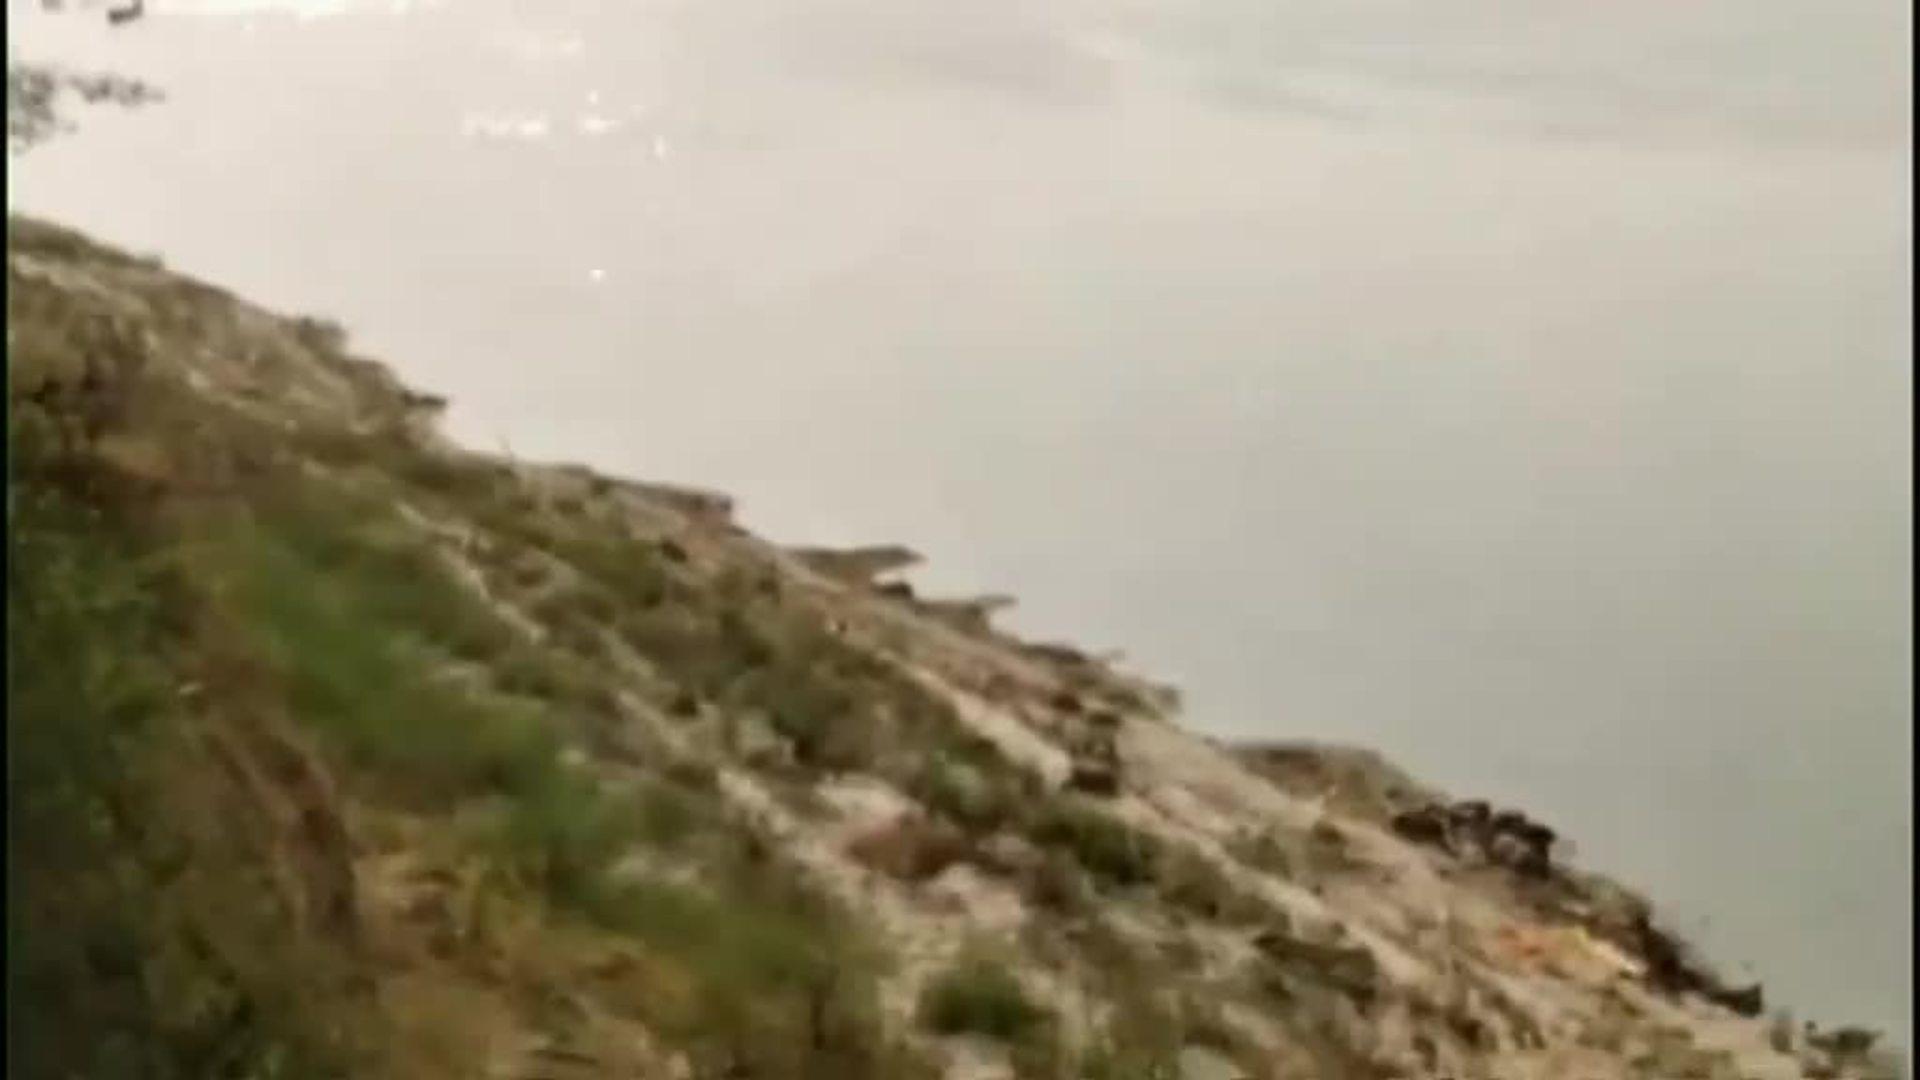 La tragedia del coronavirus llega al Ganges con decenas de cuerpos flotando en aguas del río sagrado desde hace días